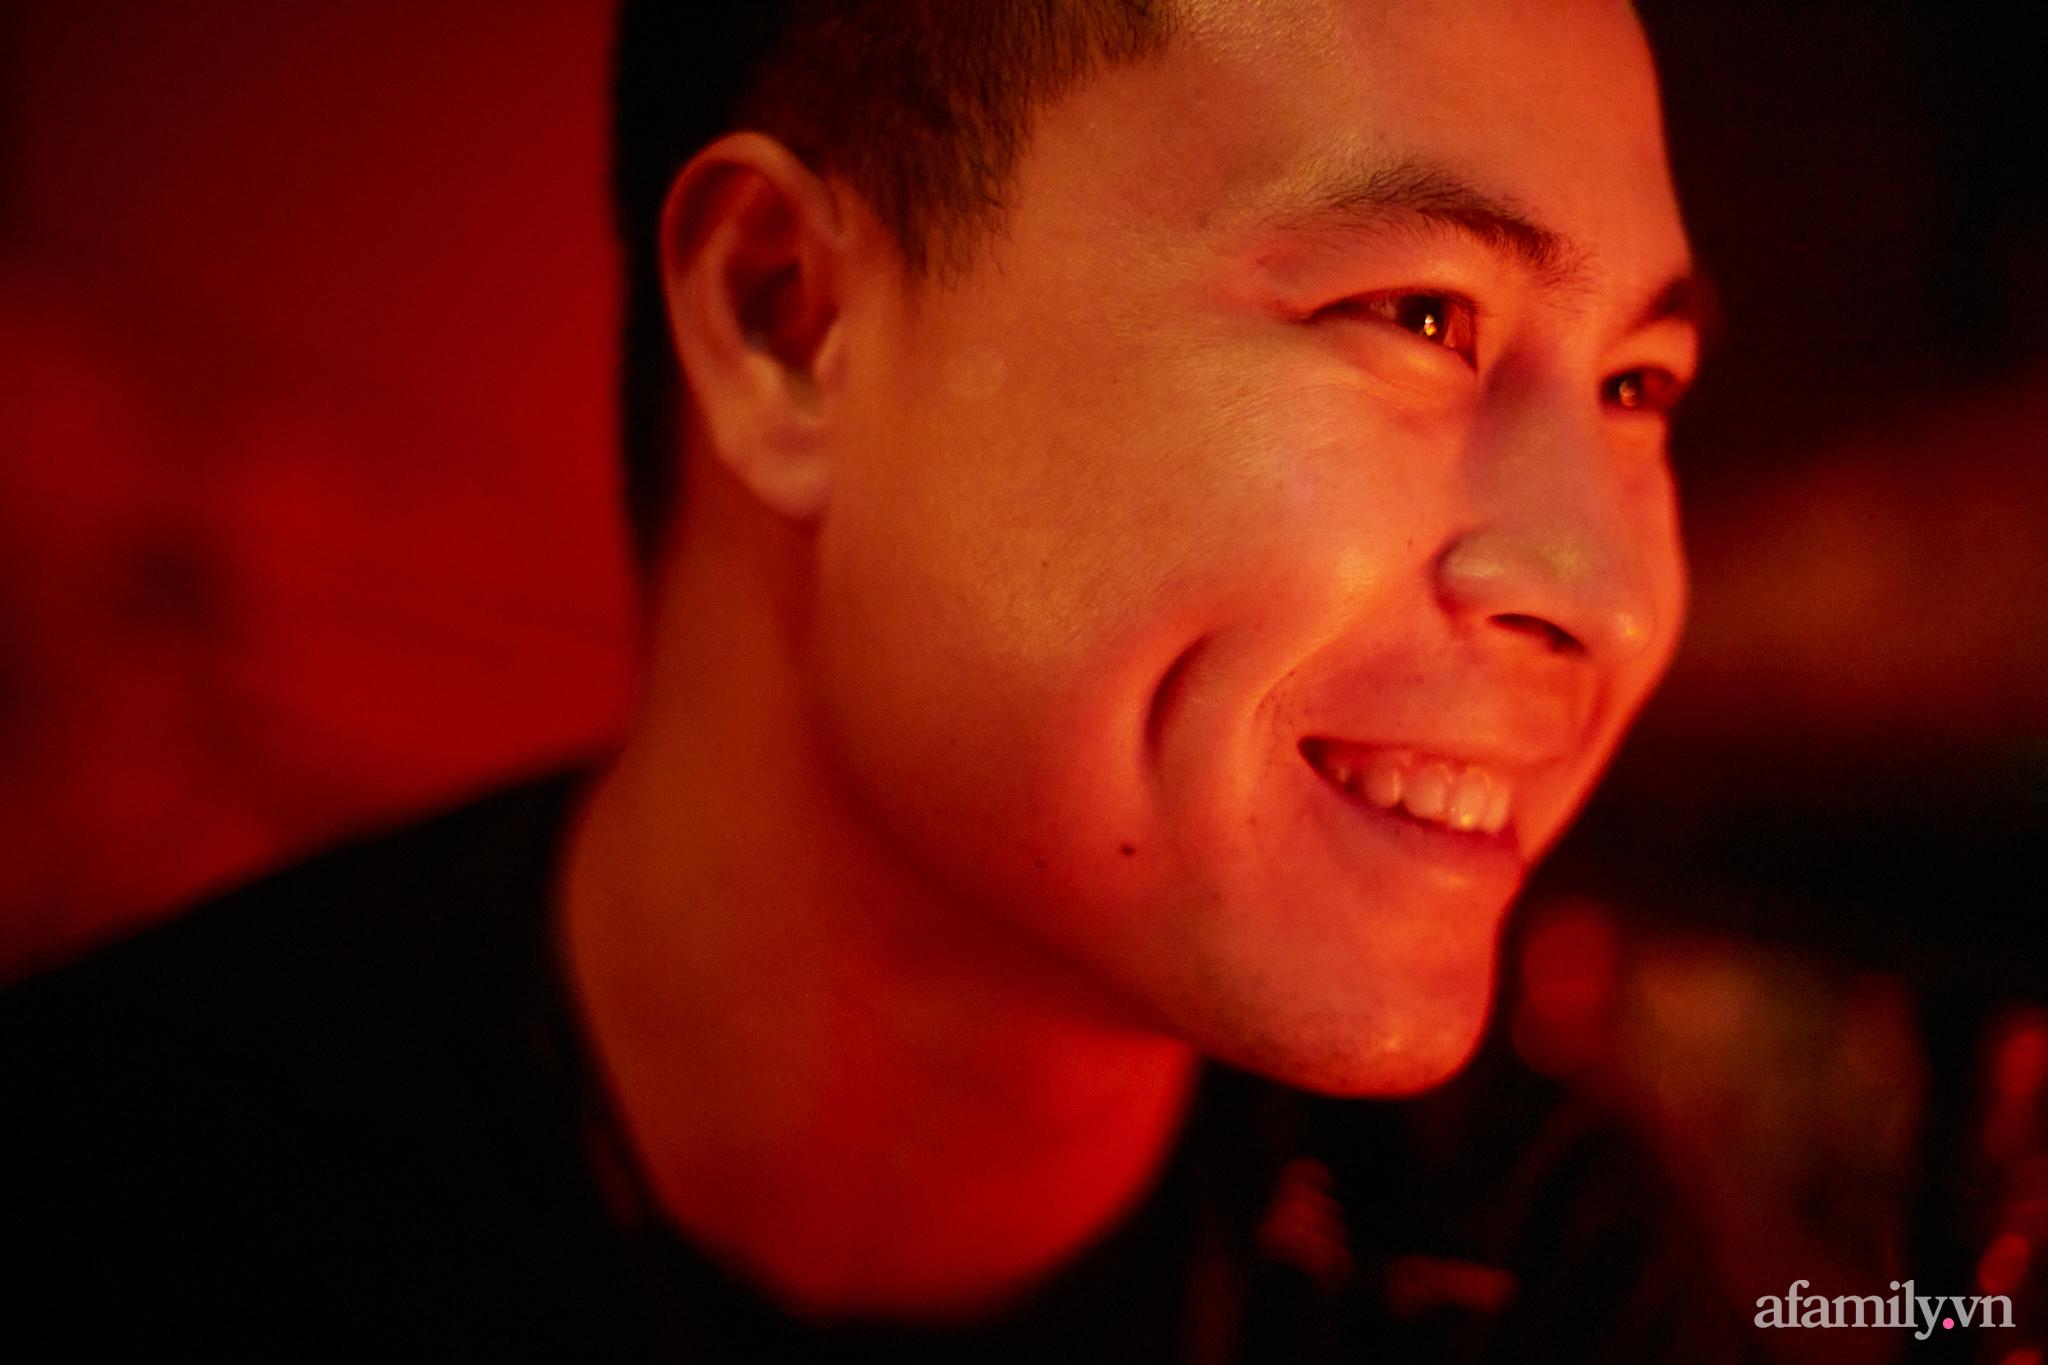 Người đàn ông đứng sau hàng loạt quán pub nổi tiếng ở Hà Nội chia sẻ về nghề dạy pha chế cocktail: Bài học đầu tiên tôi dạy học trò của mình là biết chiều khách đúng cách và cản khách đúng lúc! - Ảnh 6.